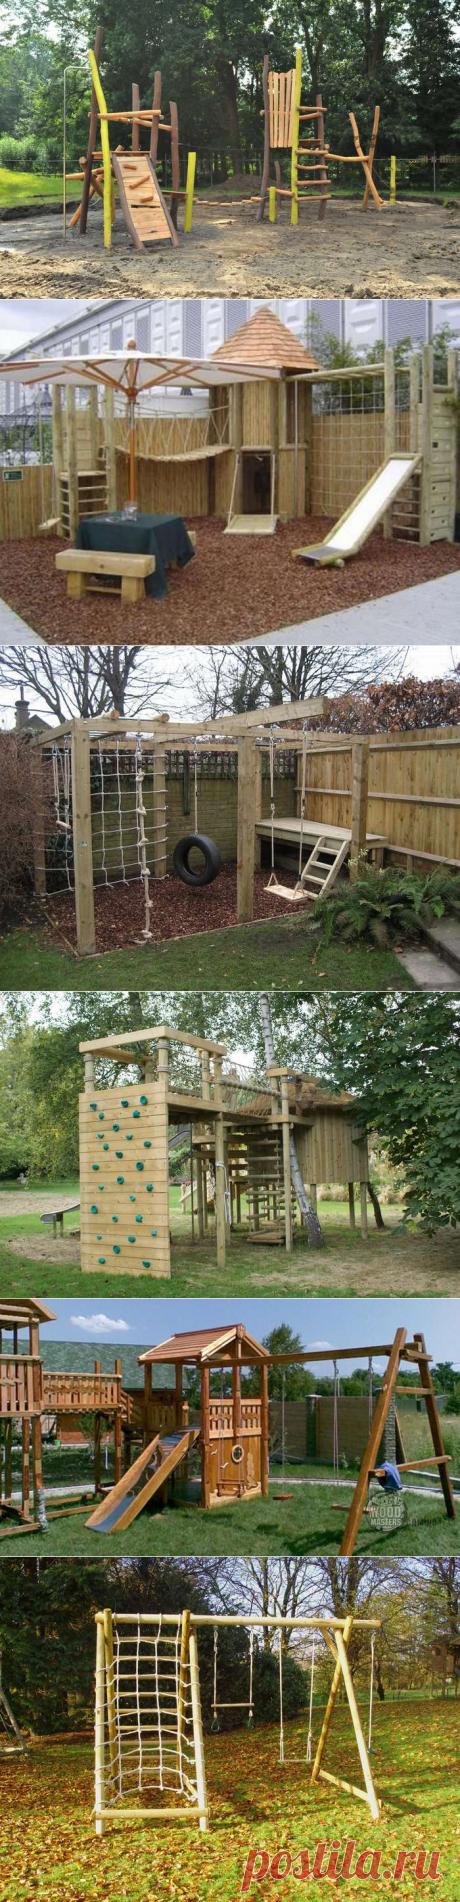 Children's playground of 300 photos